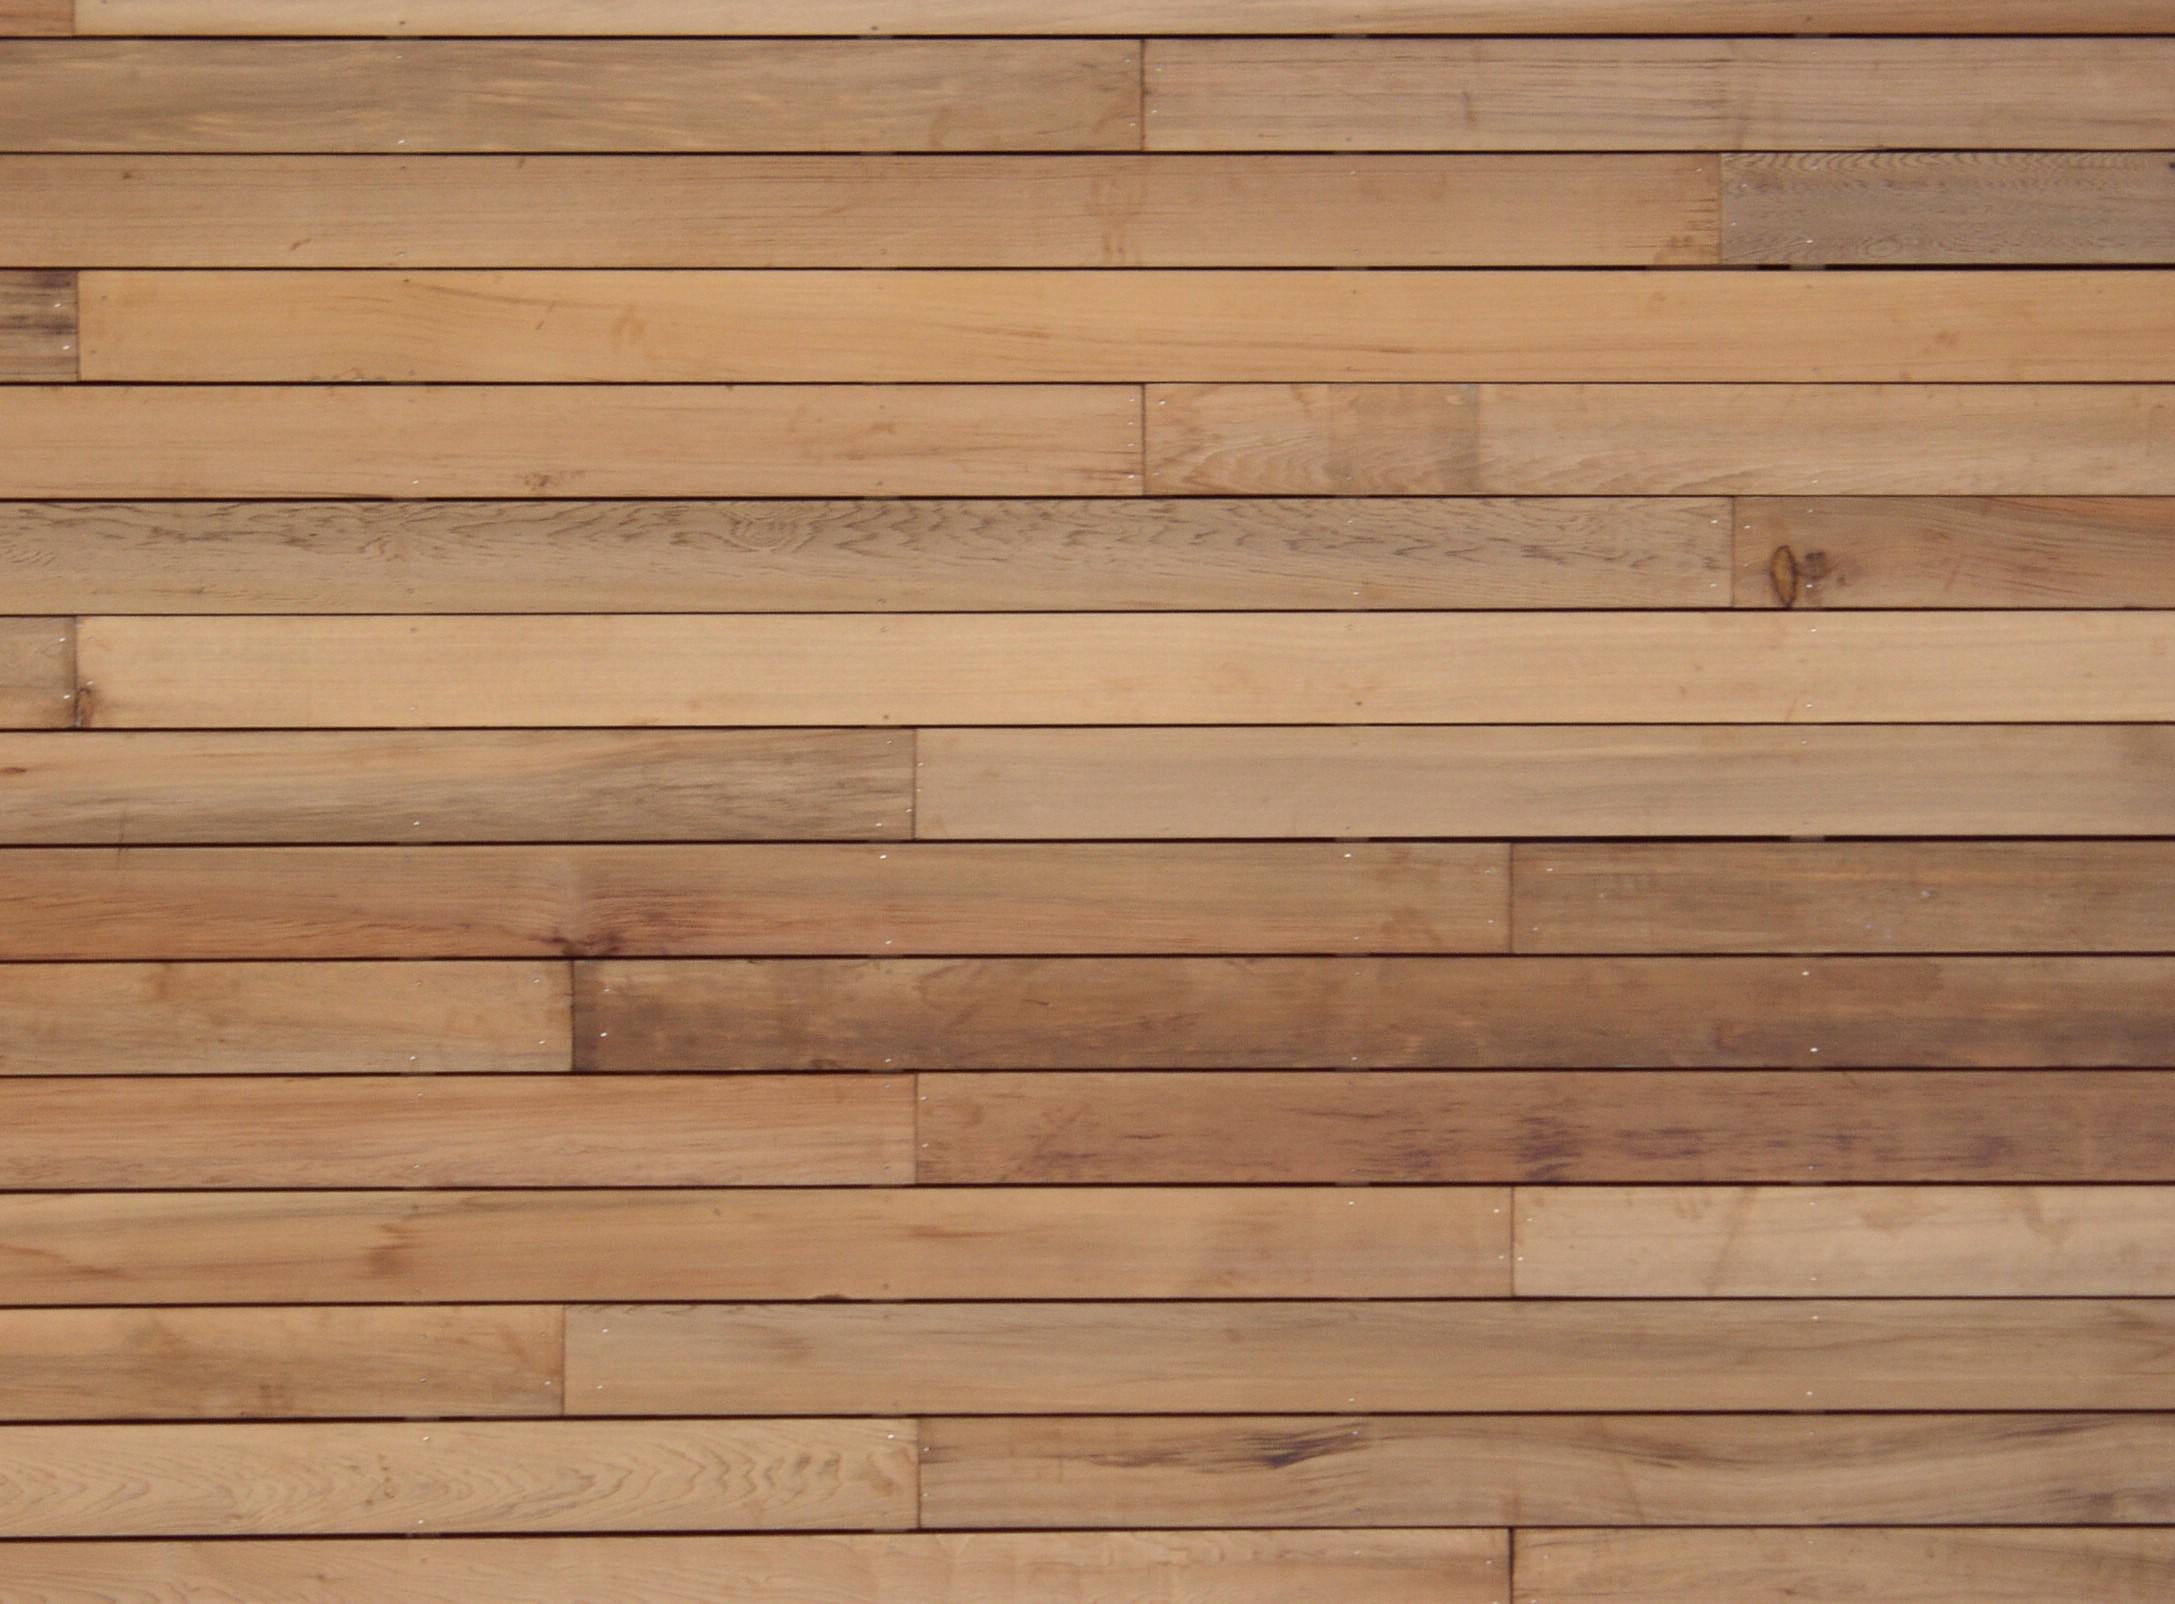 Текстура новых деревянных досок: http://junior3d.ru/texture/novyeDoski.html